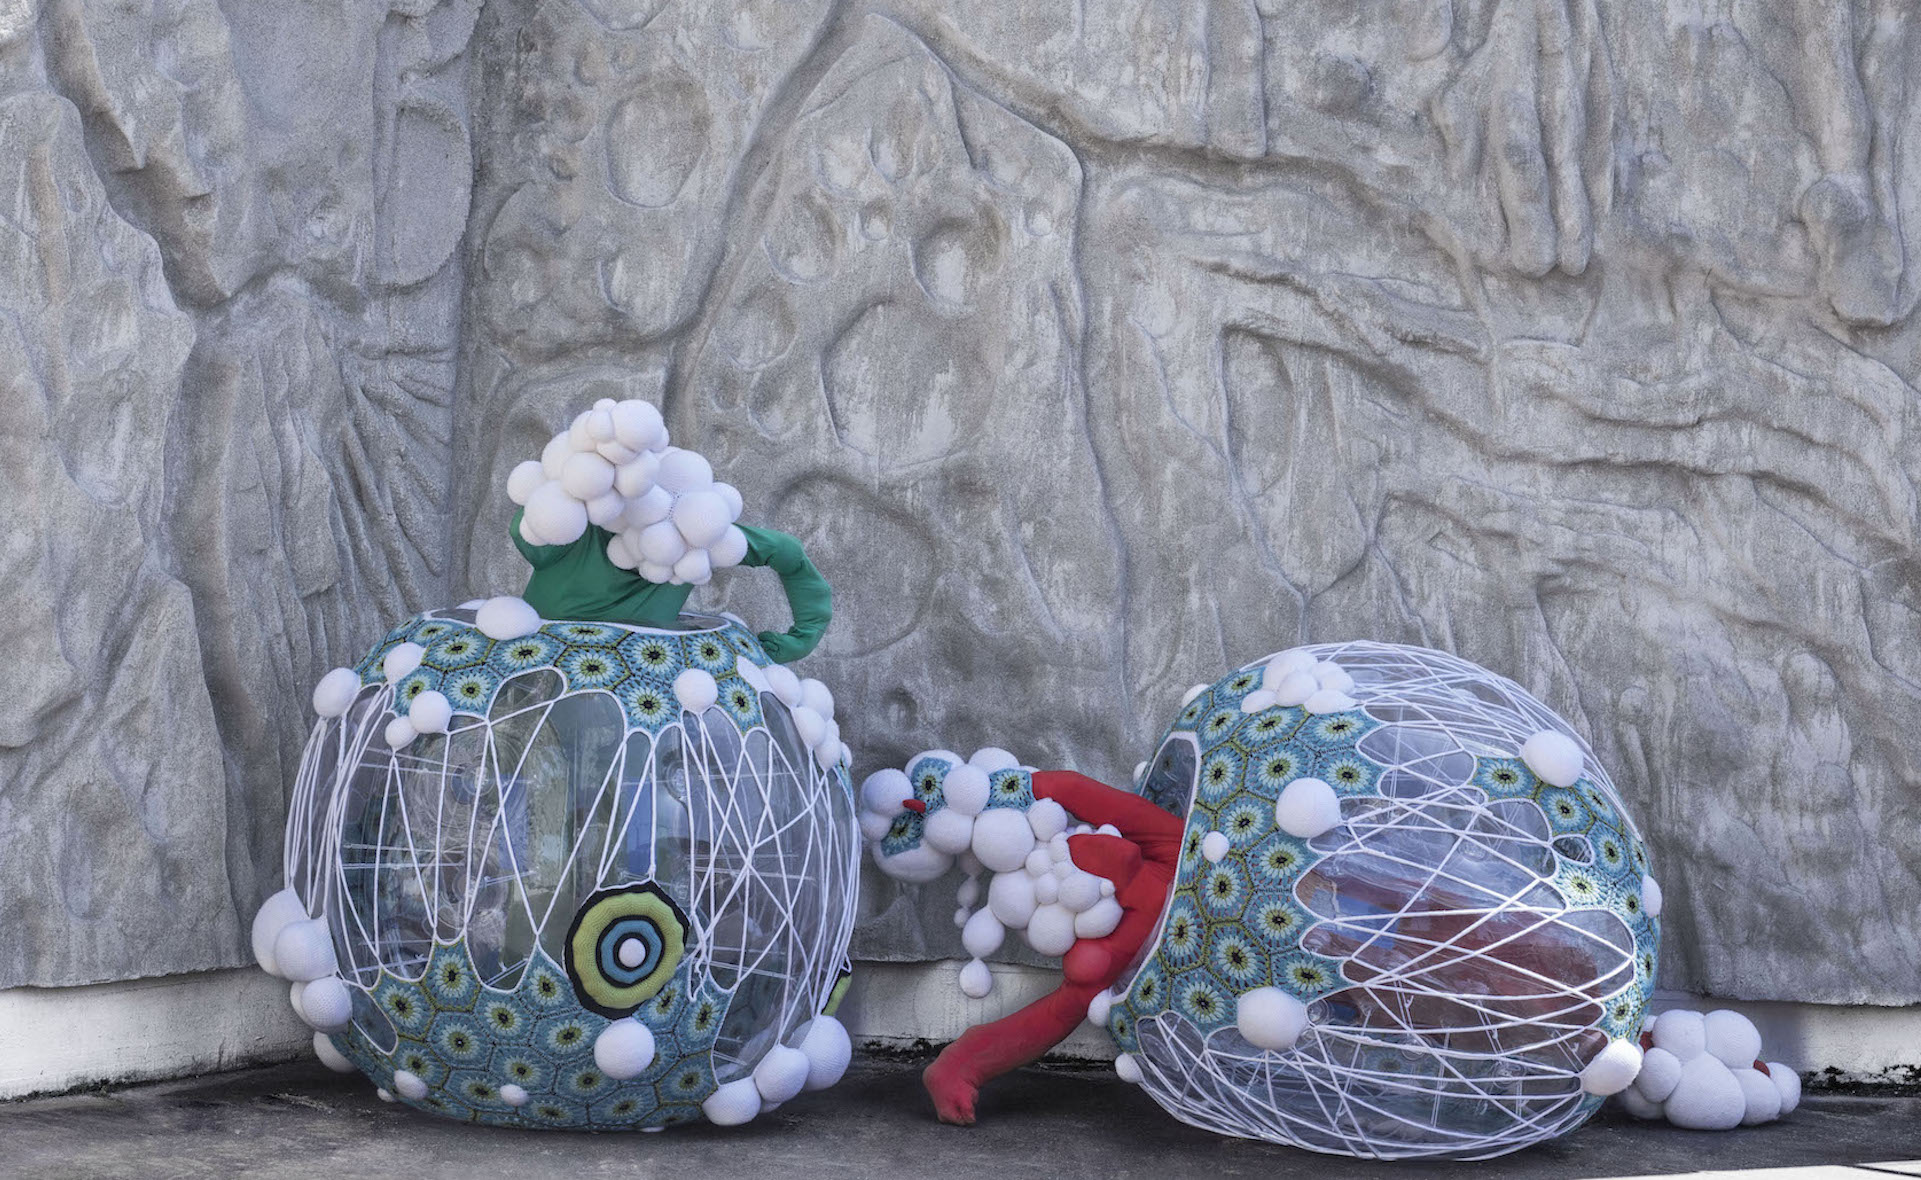 Comune di Trieste, PAG, Indiemotion, Crochetdoll